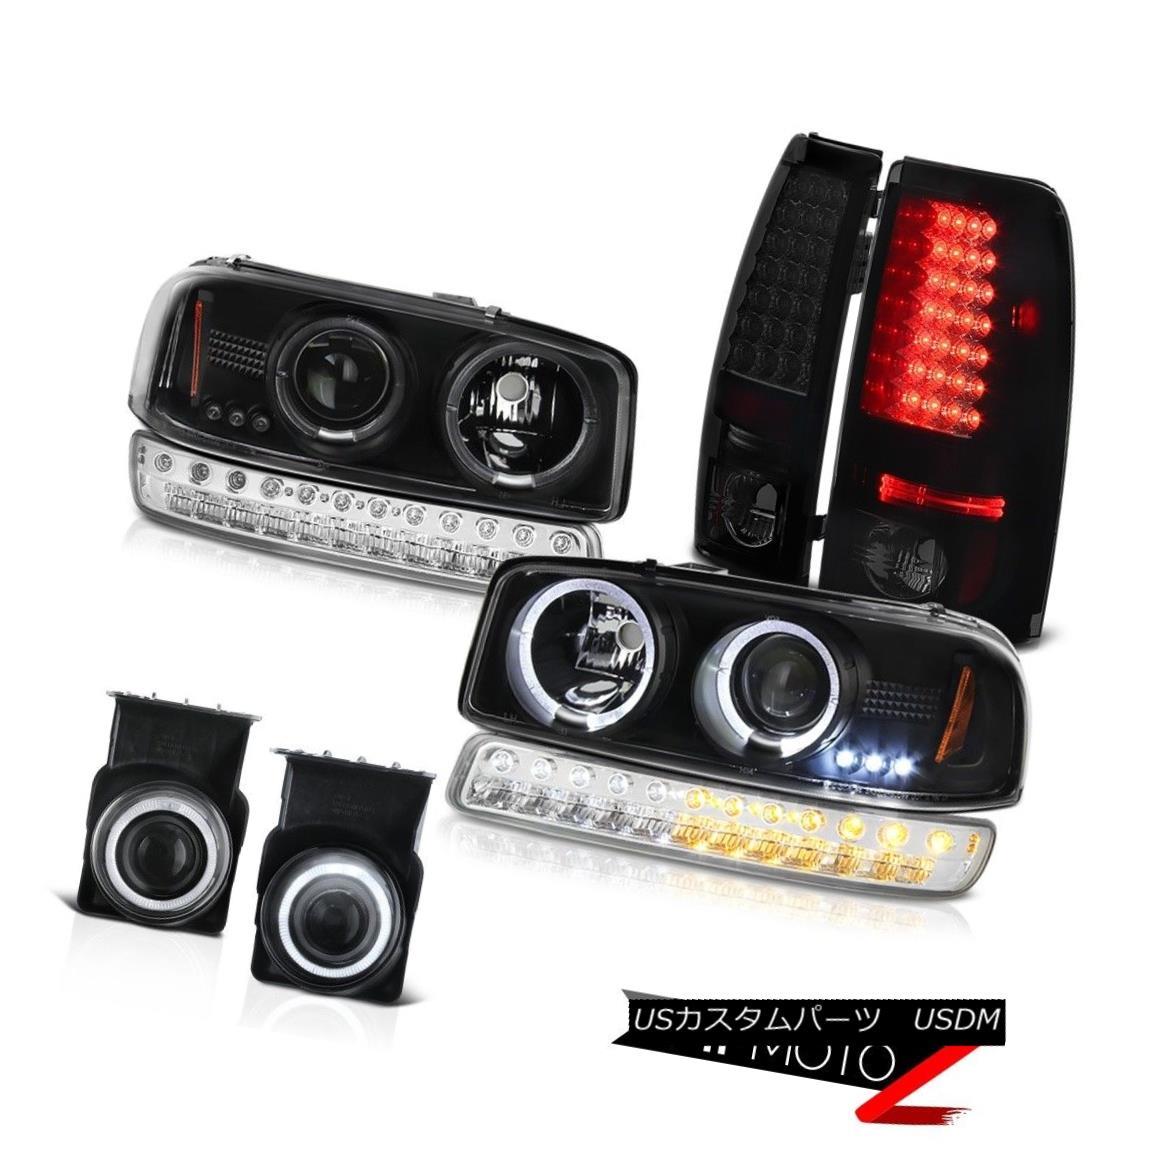 テールライト 03 04 05 06 Sierra 1500 Foglamps SMD Parking Brake Lights Turn Signal Headlamps 03 04 05 06 Sierra 1500 Foglamps SMD駐車ブレーキライトターンシグナルヘッドランプ